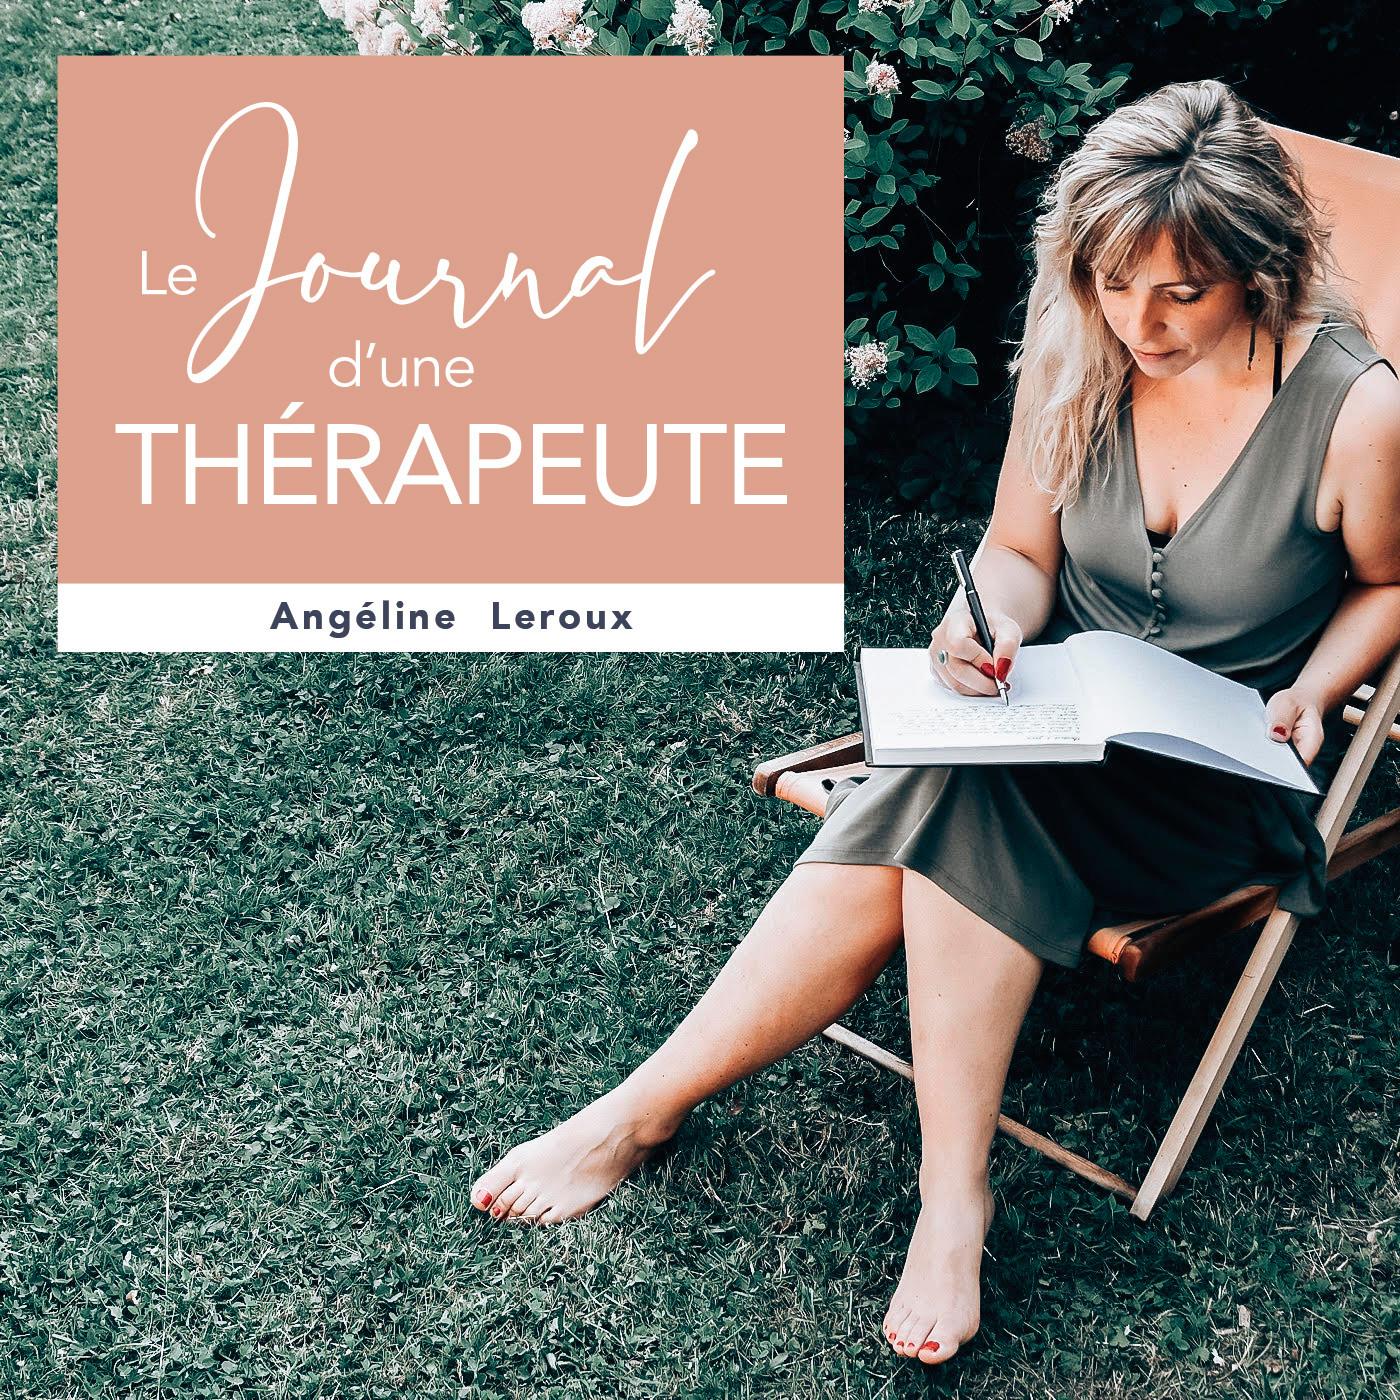 Le journal d'une thérapeute